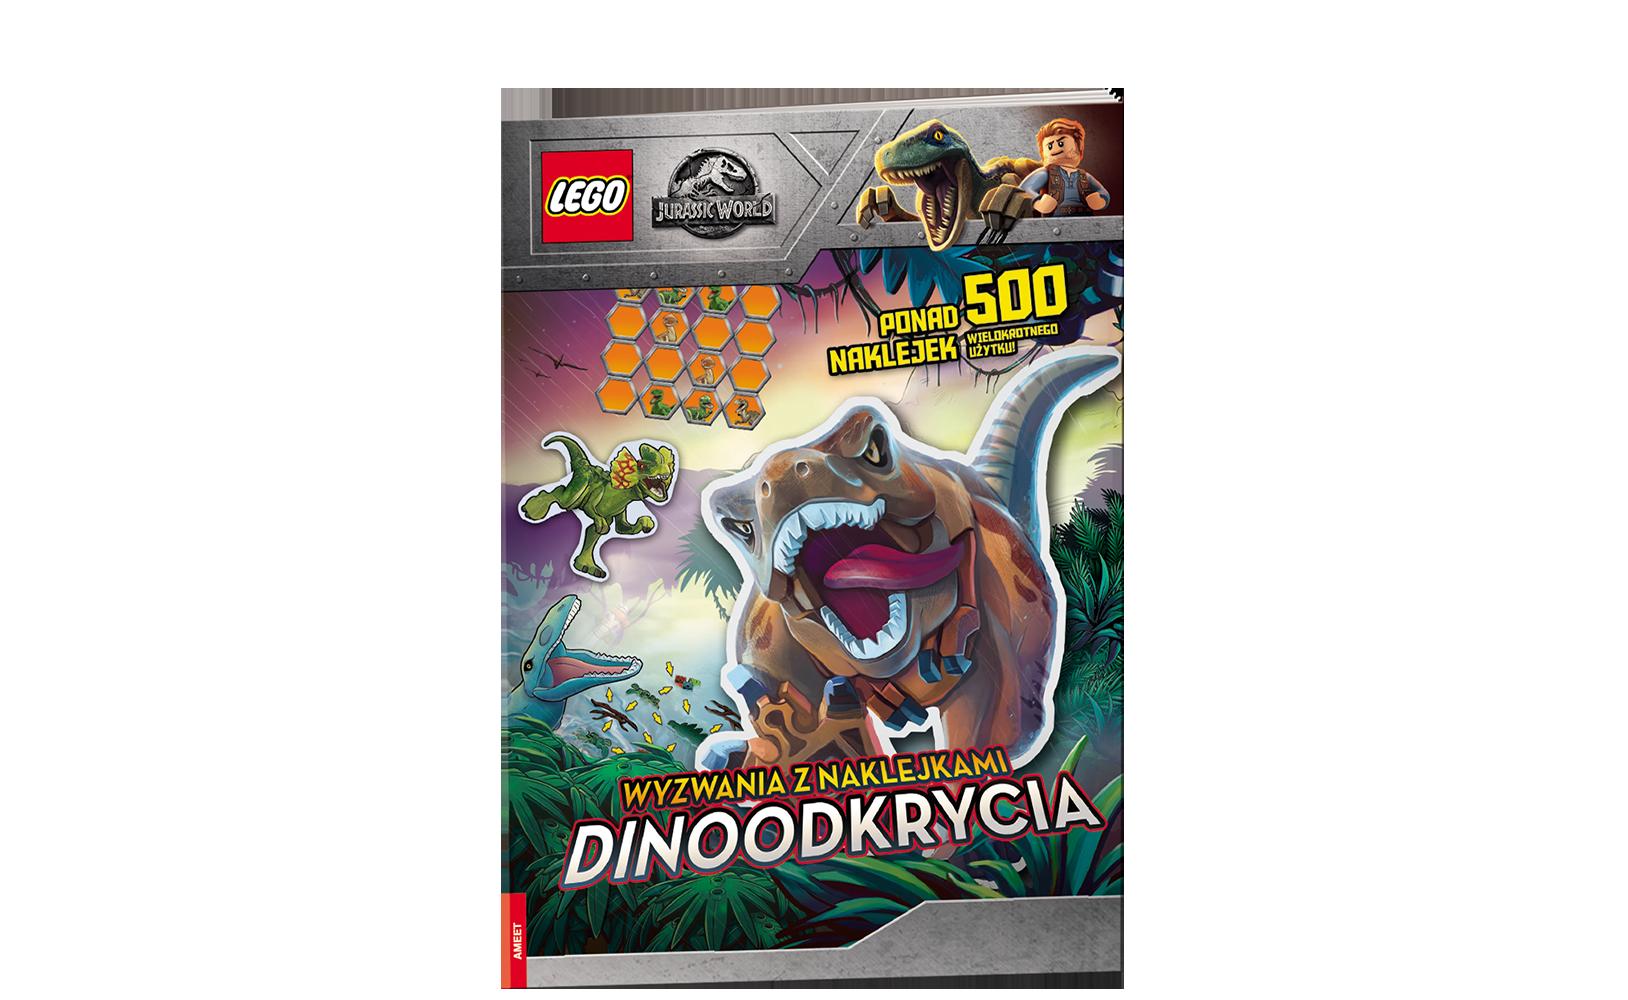 LEGO® Jurassic World™. Wyzwania zNaklejkami. Dinoodkrycia